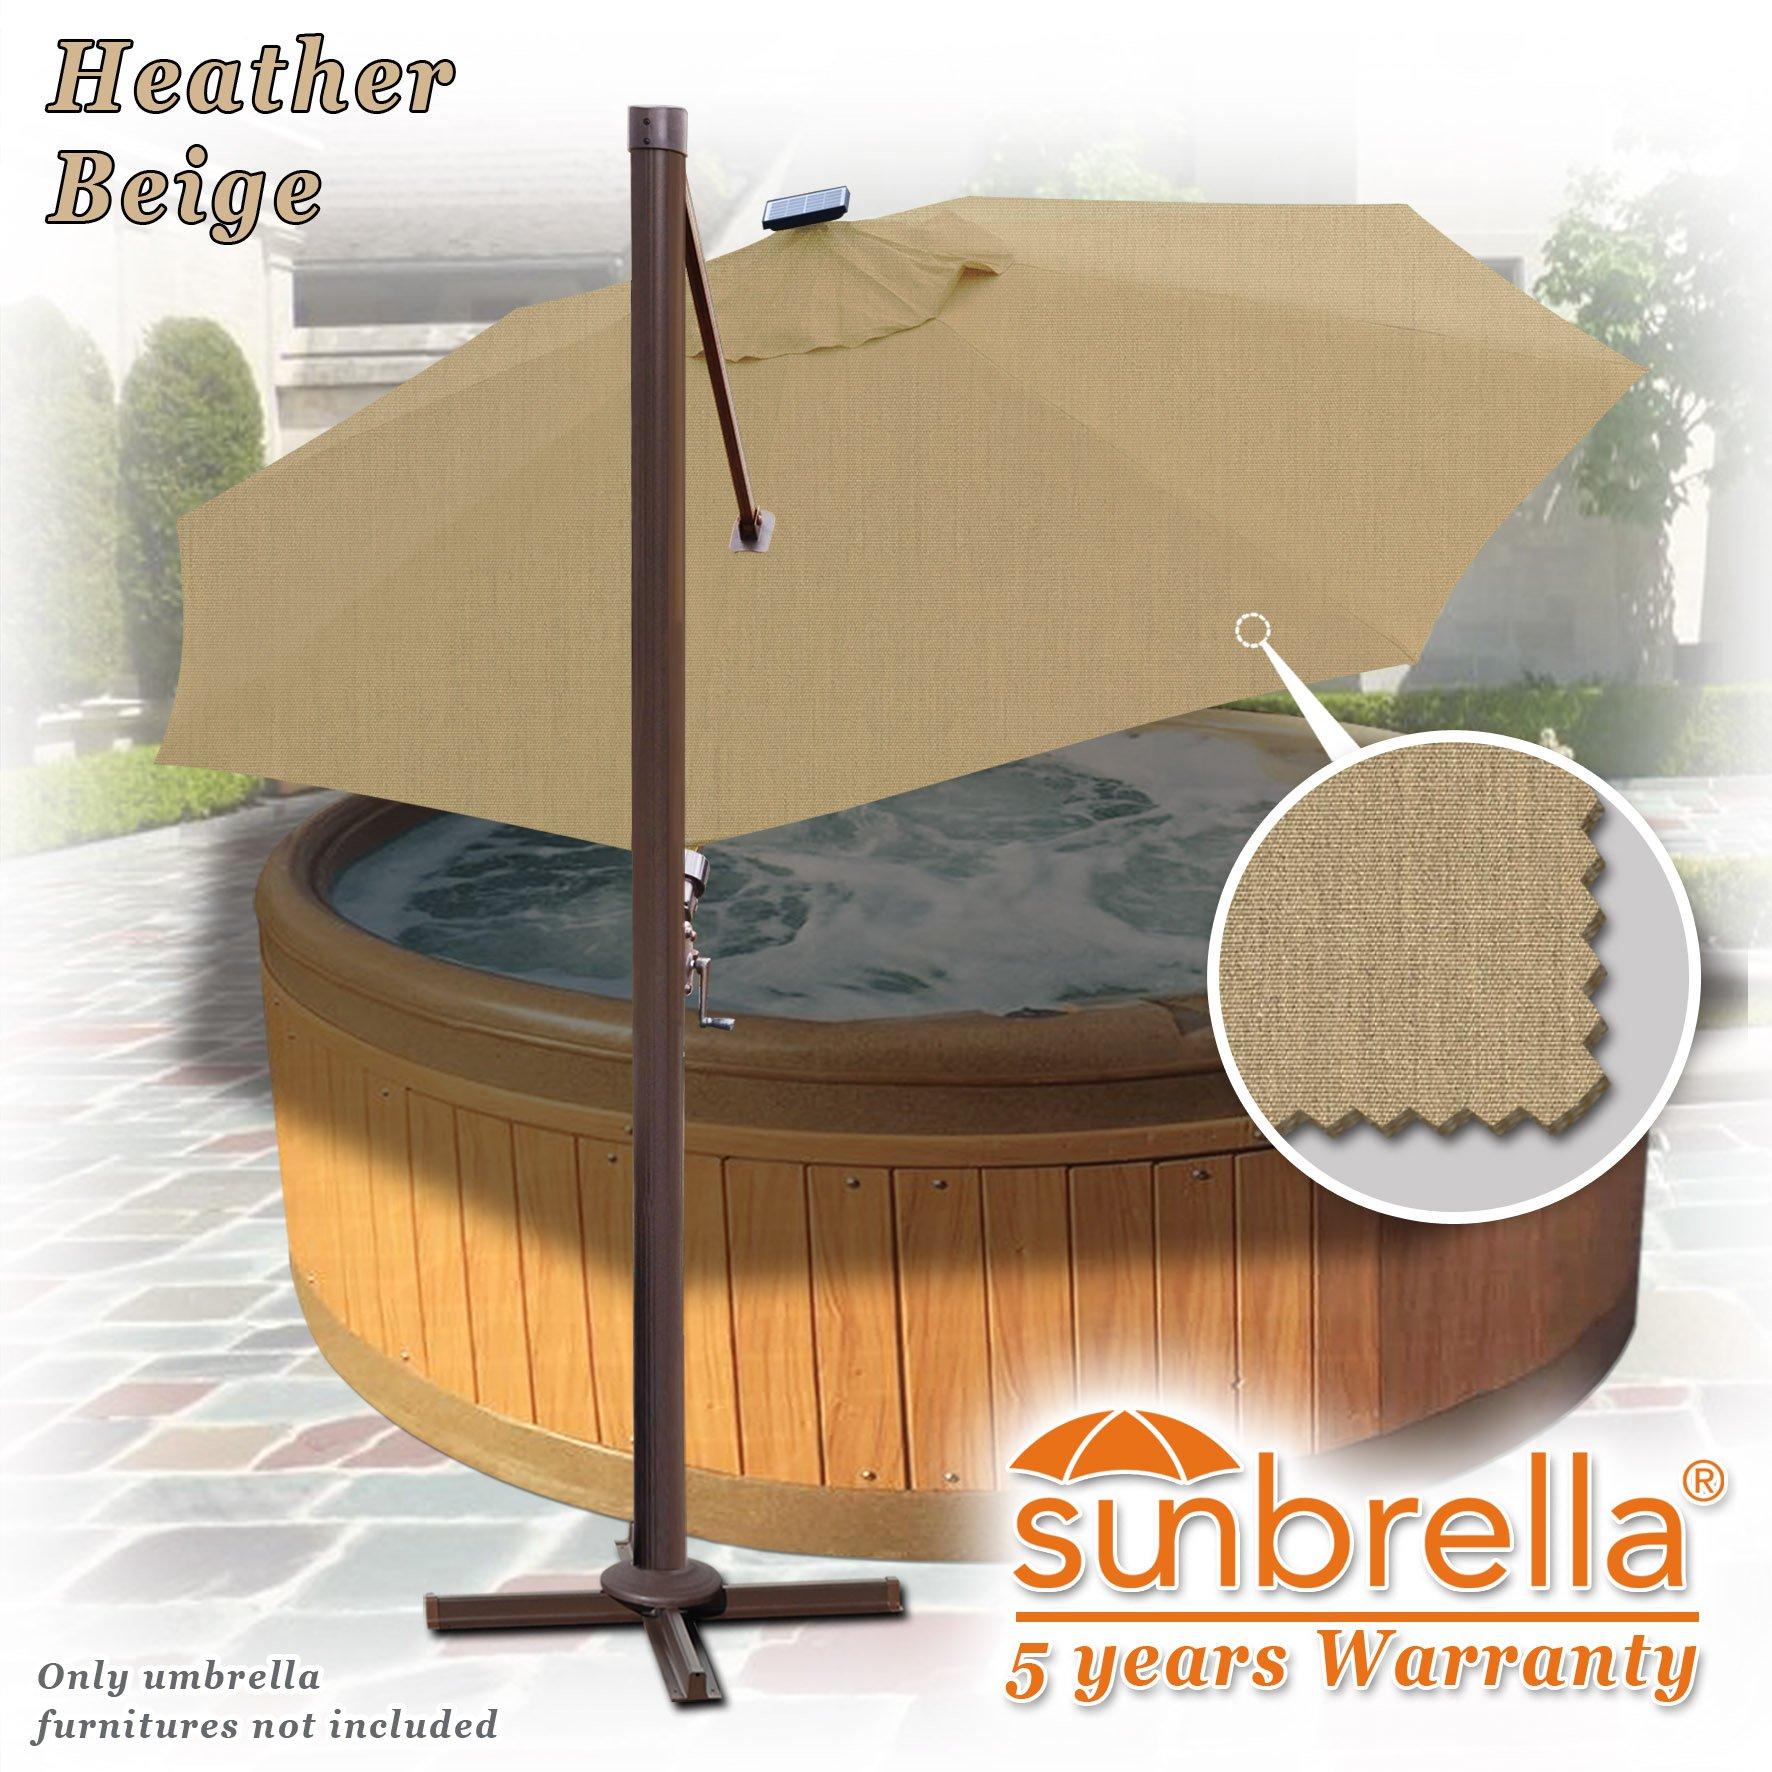 Strong Camel 11.5' Deluxe Cantilever Big Roma Umbrella Hanging Offset Solar Umbrella UV50+ Tilt & 360'C Rotation Patio Heavyduty Outdoor Sunshade Cantilever Crank SUNBRELLA Cover (Beige) by Strong Camel (Image #5)